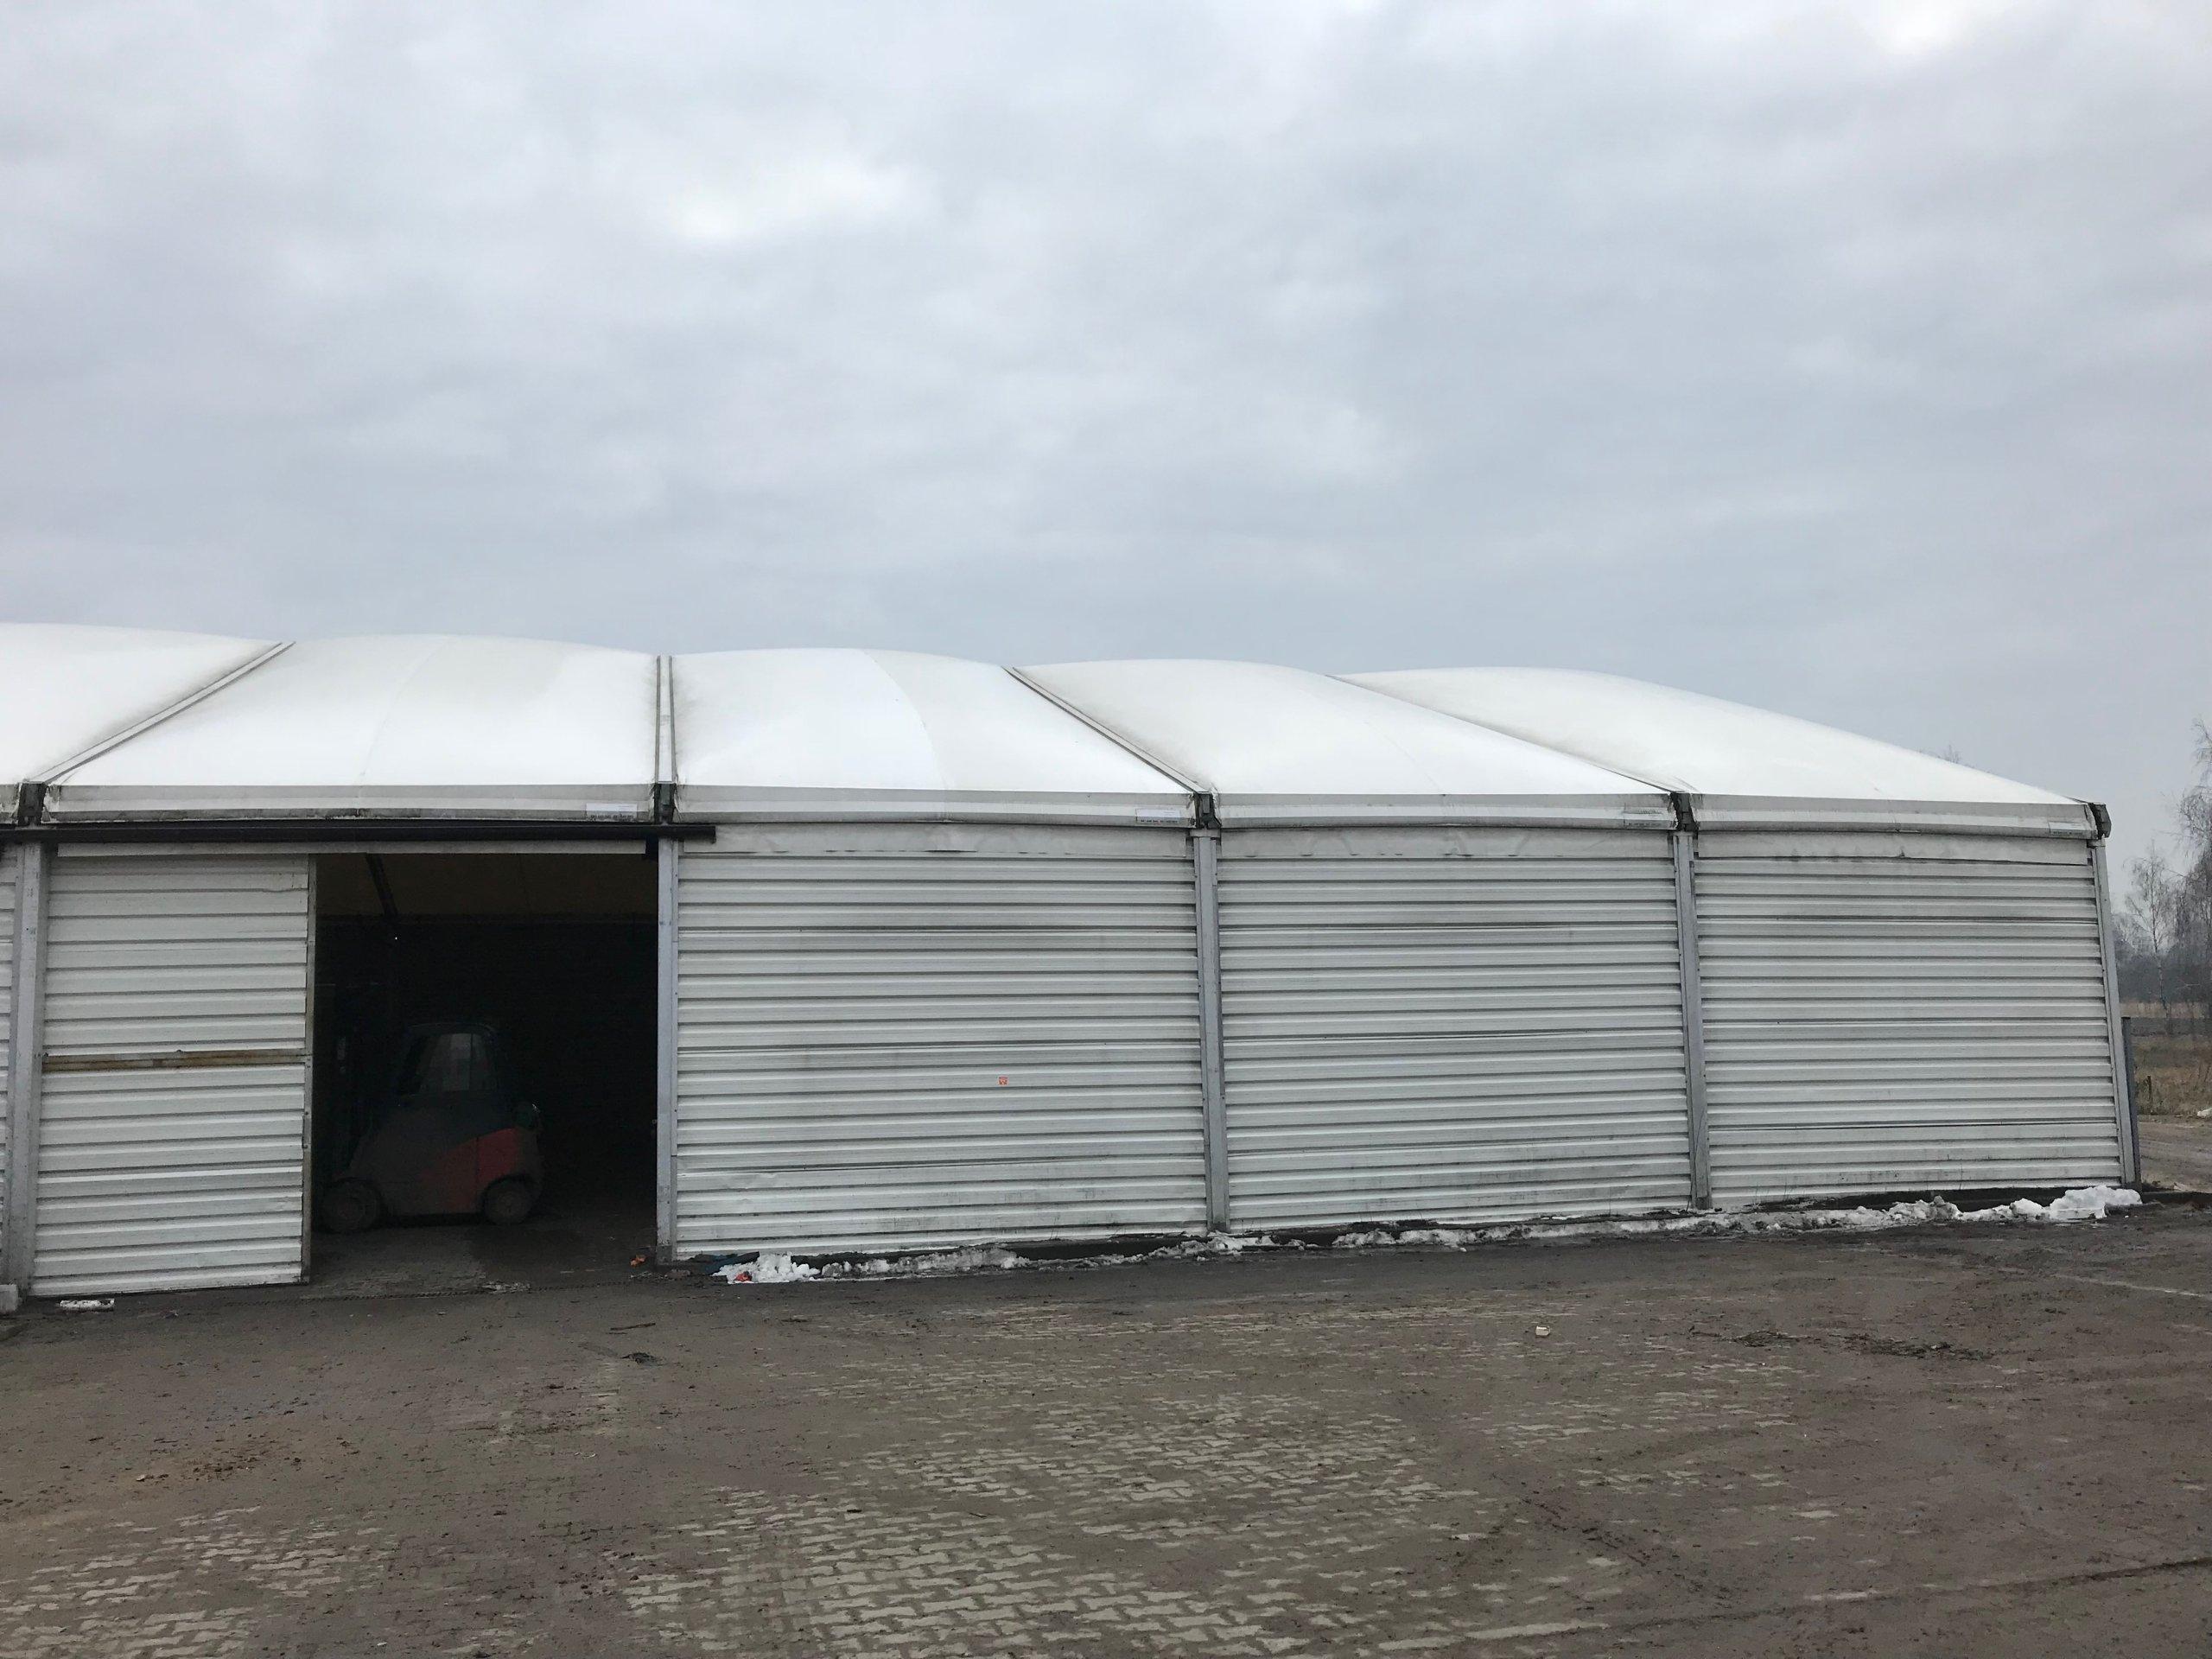 Hala namiotowa z dmuchanym dachem 20m x 30m